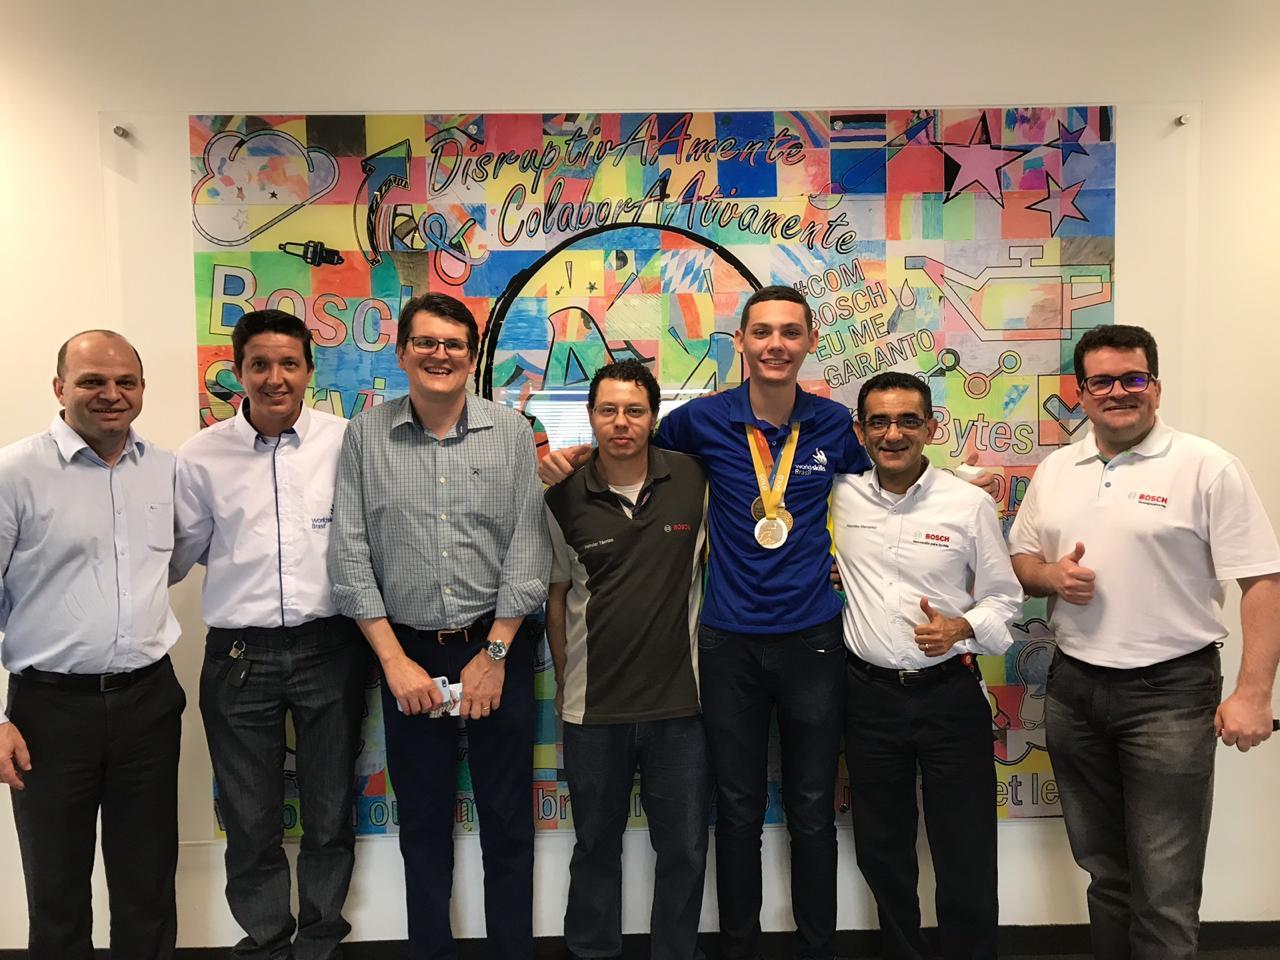 Visita de medalhista da WorldSkills